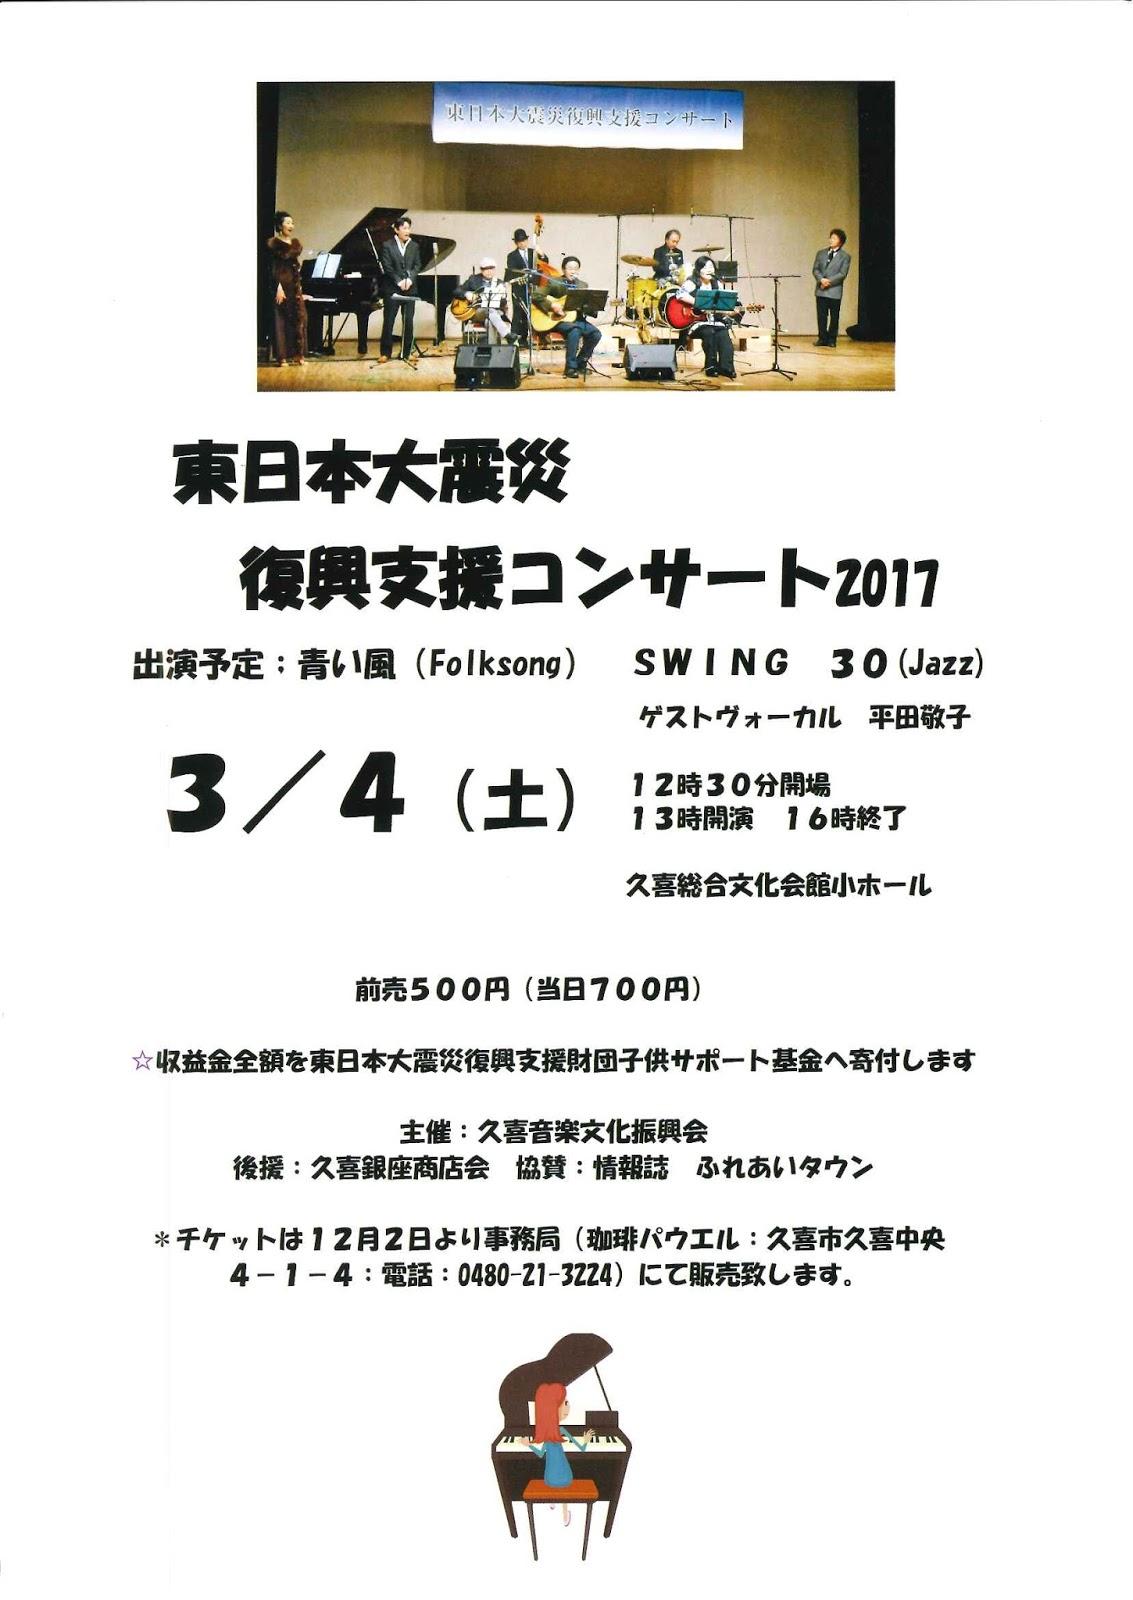 東日本大震災復興支援コンサート2017のチケット販売を開始したところ、大変ご好評につき、前売り券が完売となりました。